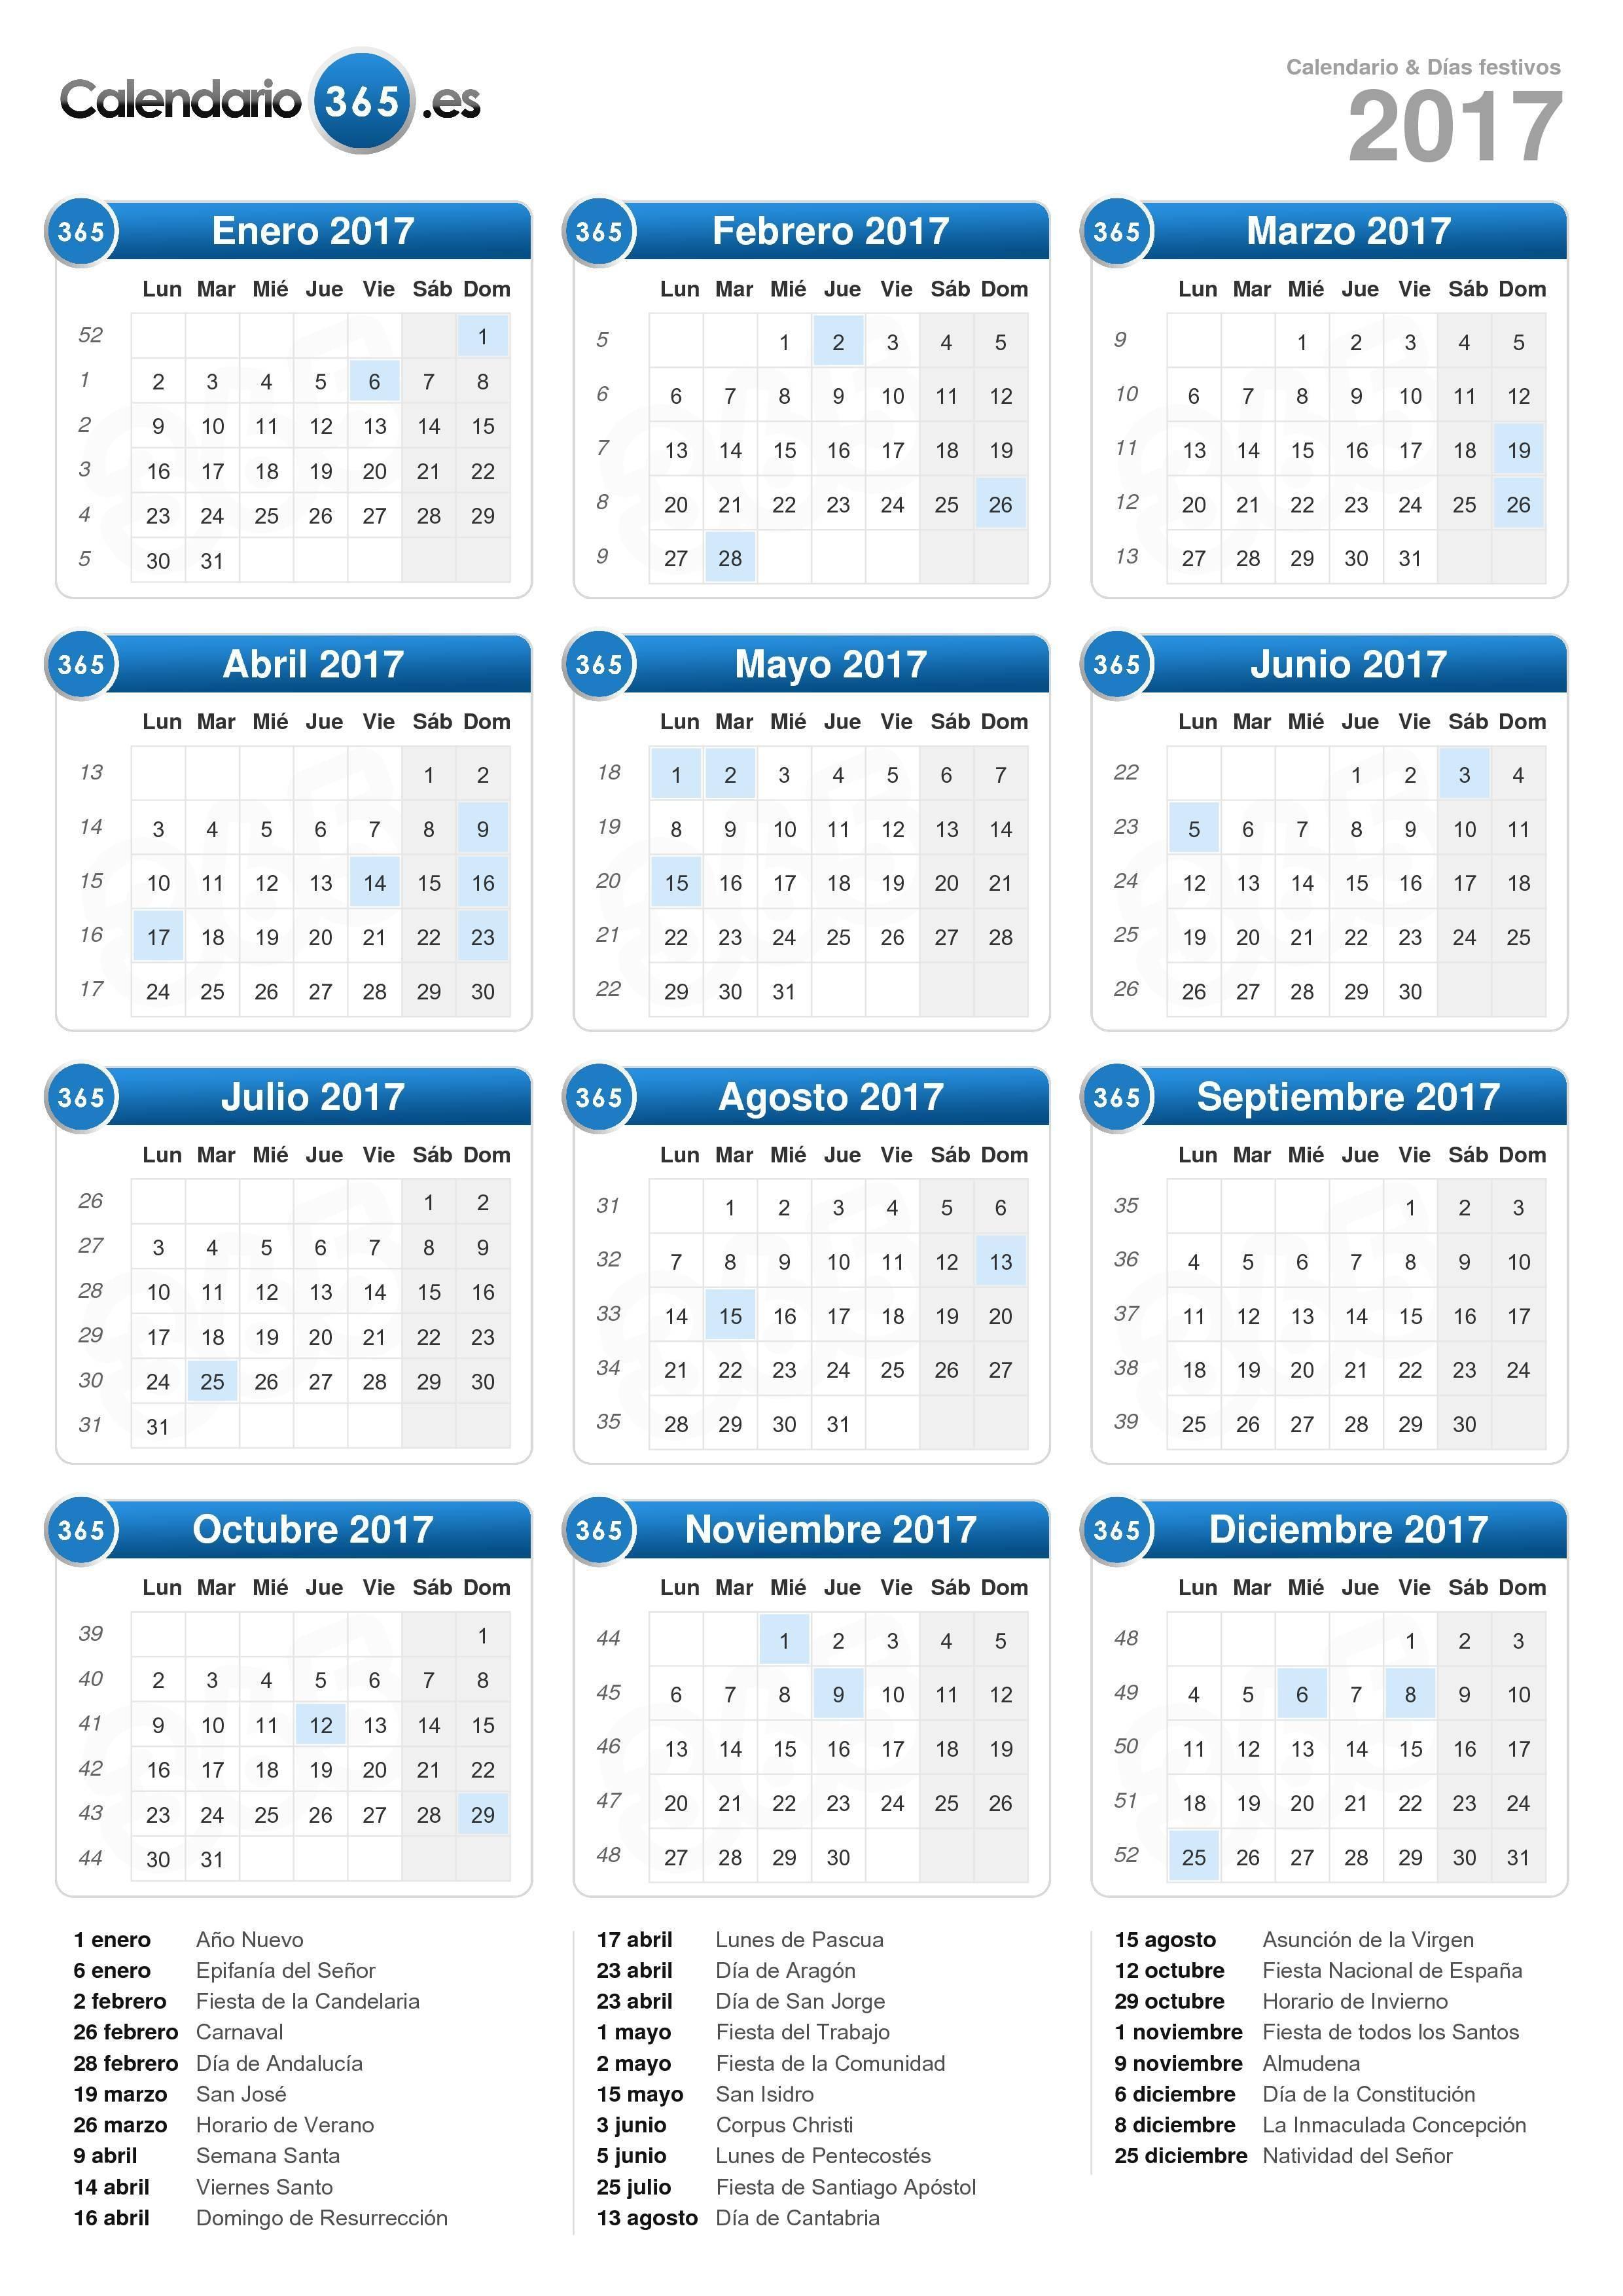 Calendario 2019 Semana Santa Chile Más Reciente Calendario 2017 Of Calendario 2019 Semana Santa Chile Más Reciente Este Es Sin Duda Calendario 2019 Imprimir Portugues